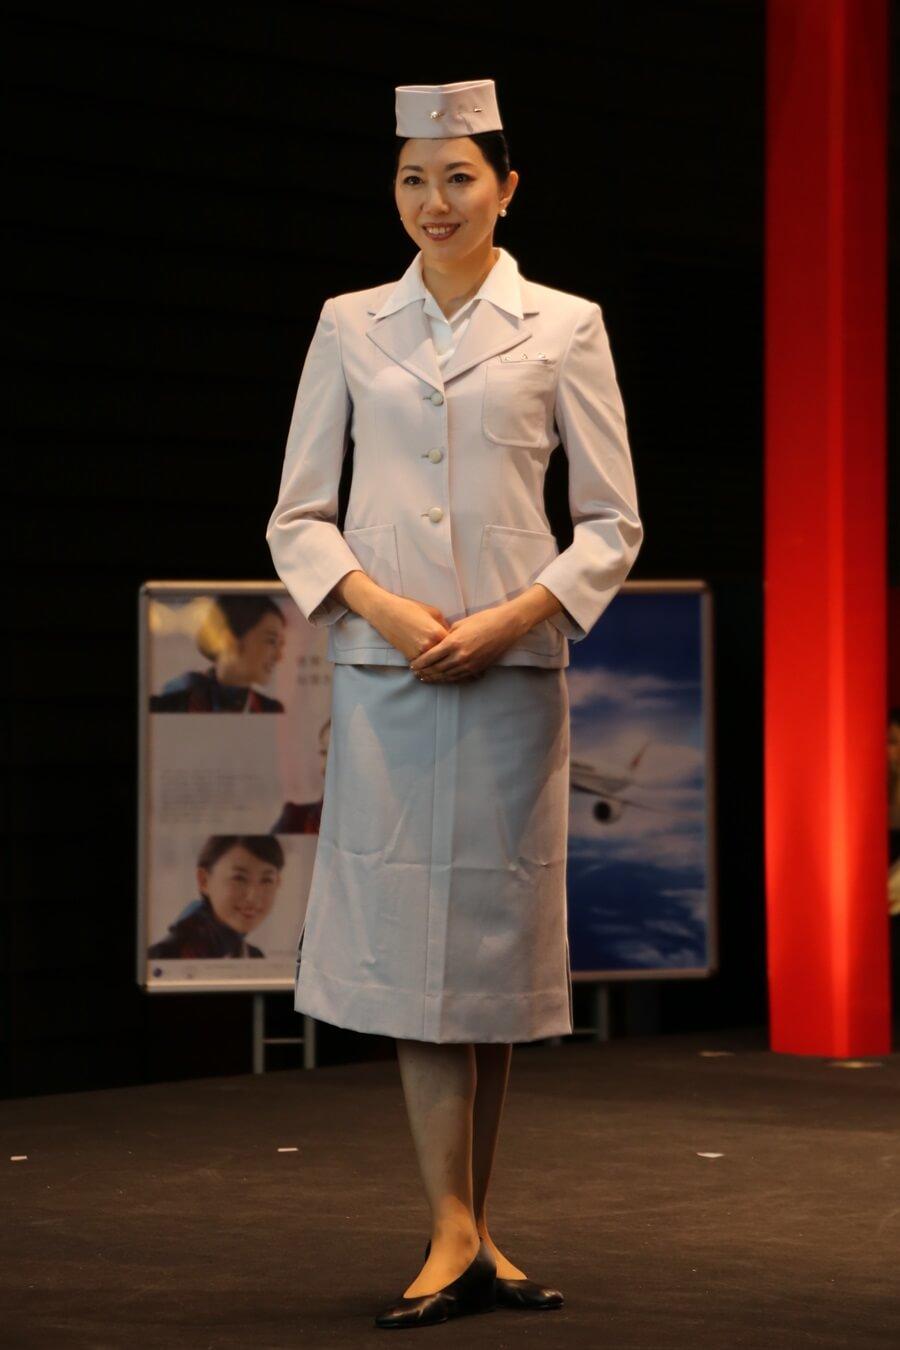 日本航空初代制服 JALとJEX客室乗務員歴代制服ファッションショー 客室乗務員 スチワーデス 歴代ユニフォーム 制服 空の日フェスティバル JAL fashion show (14)